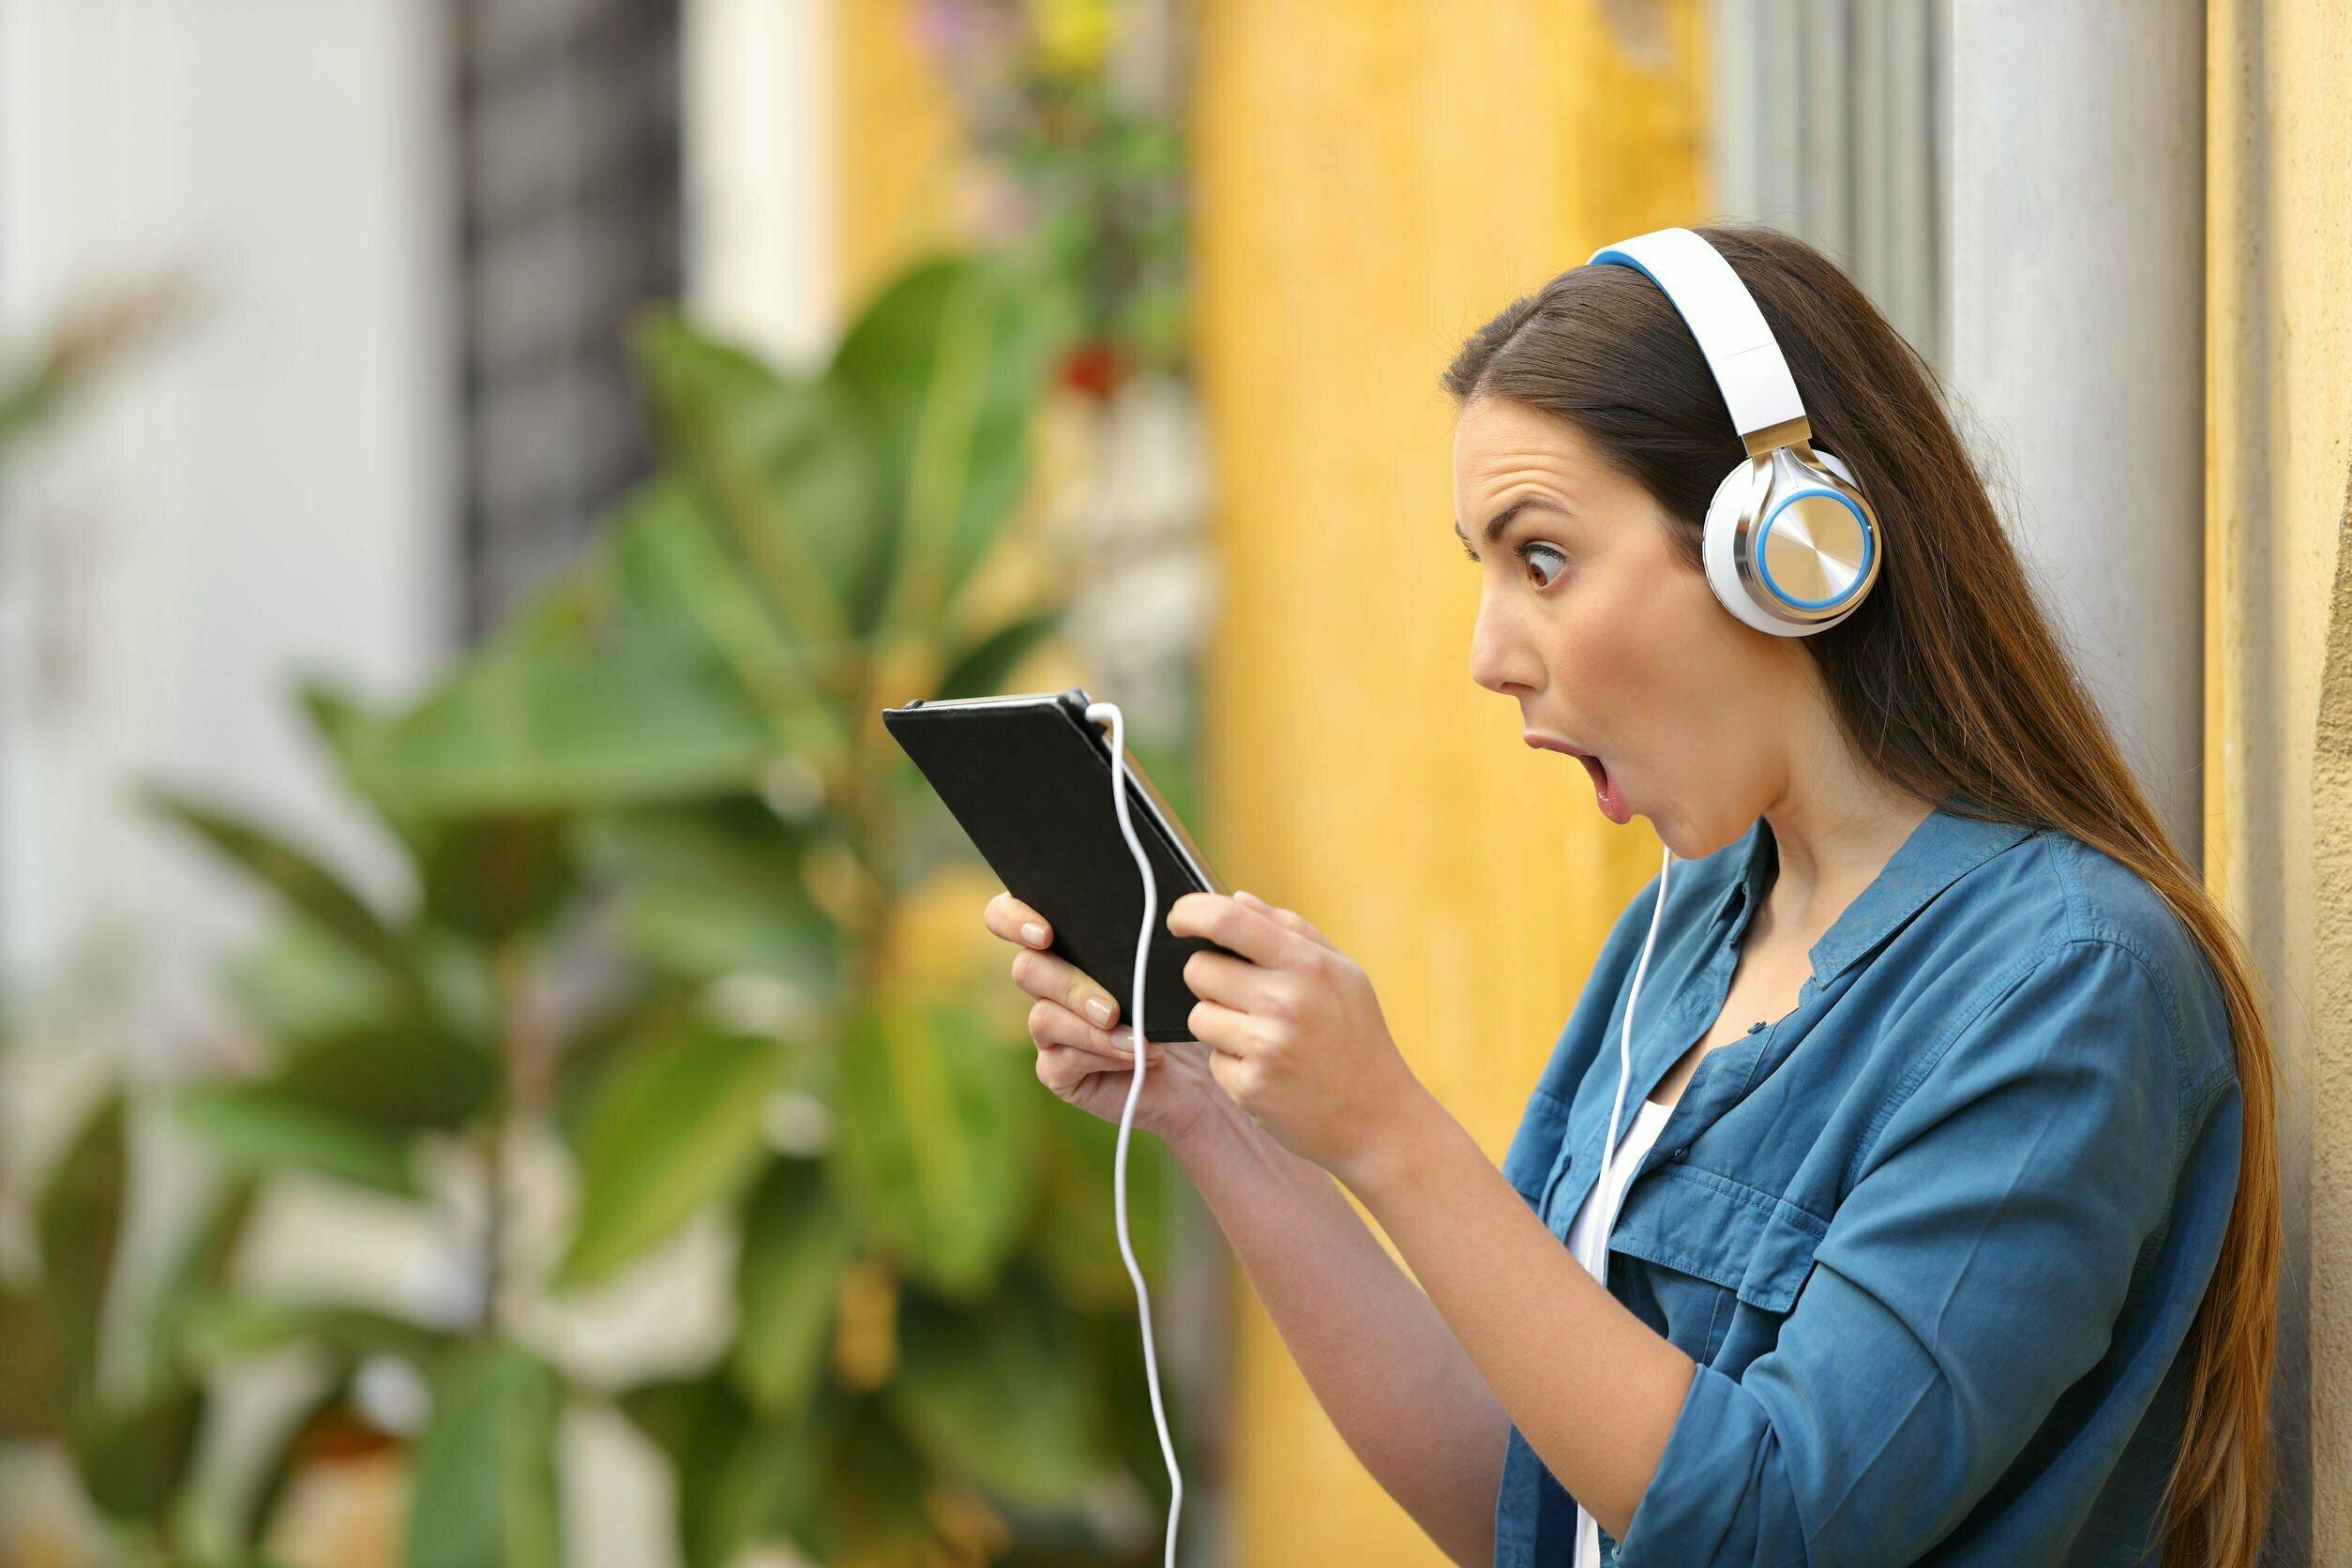 Boete illegaal films downloaden het kan veel geld kosten!